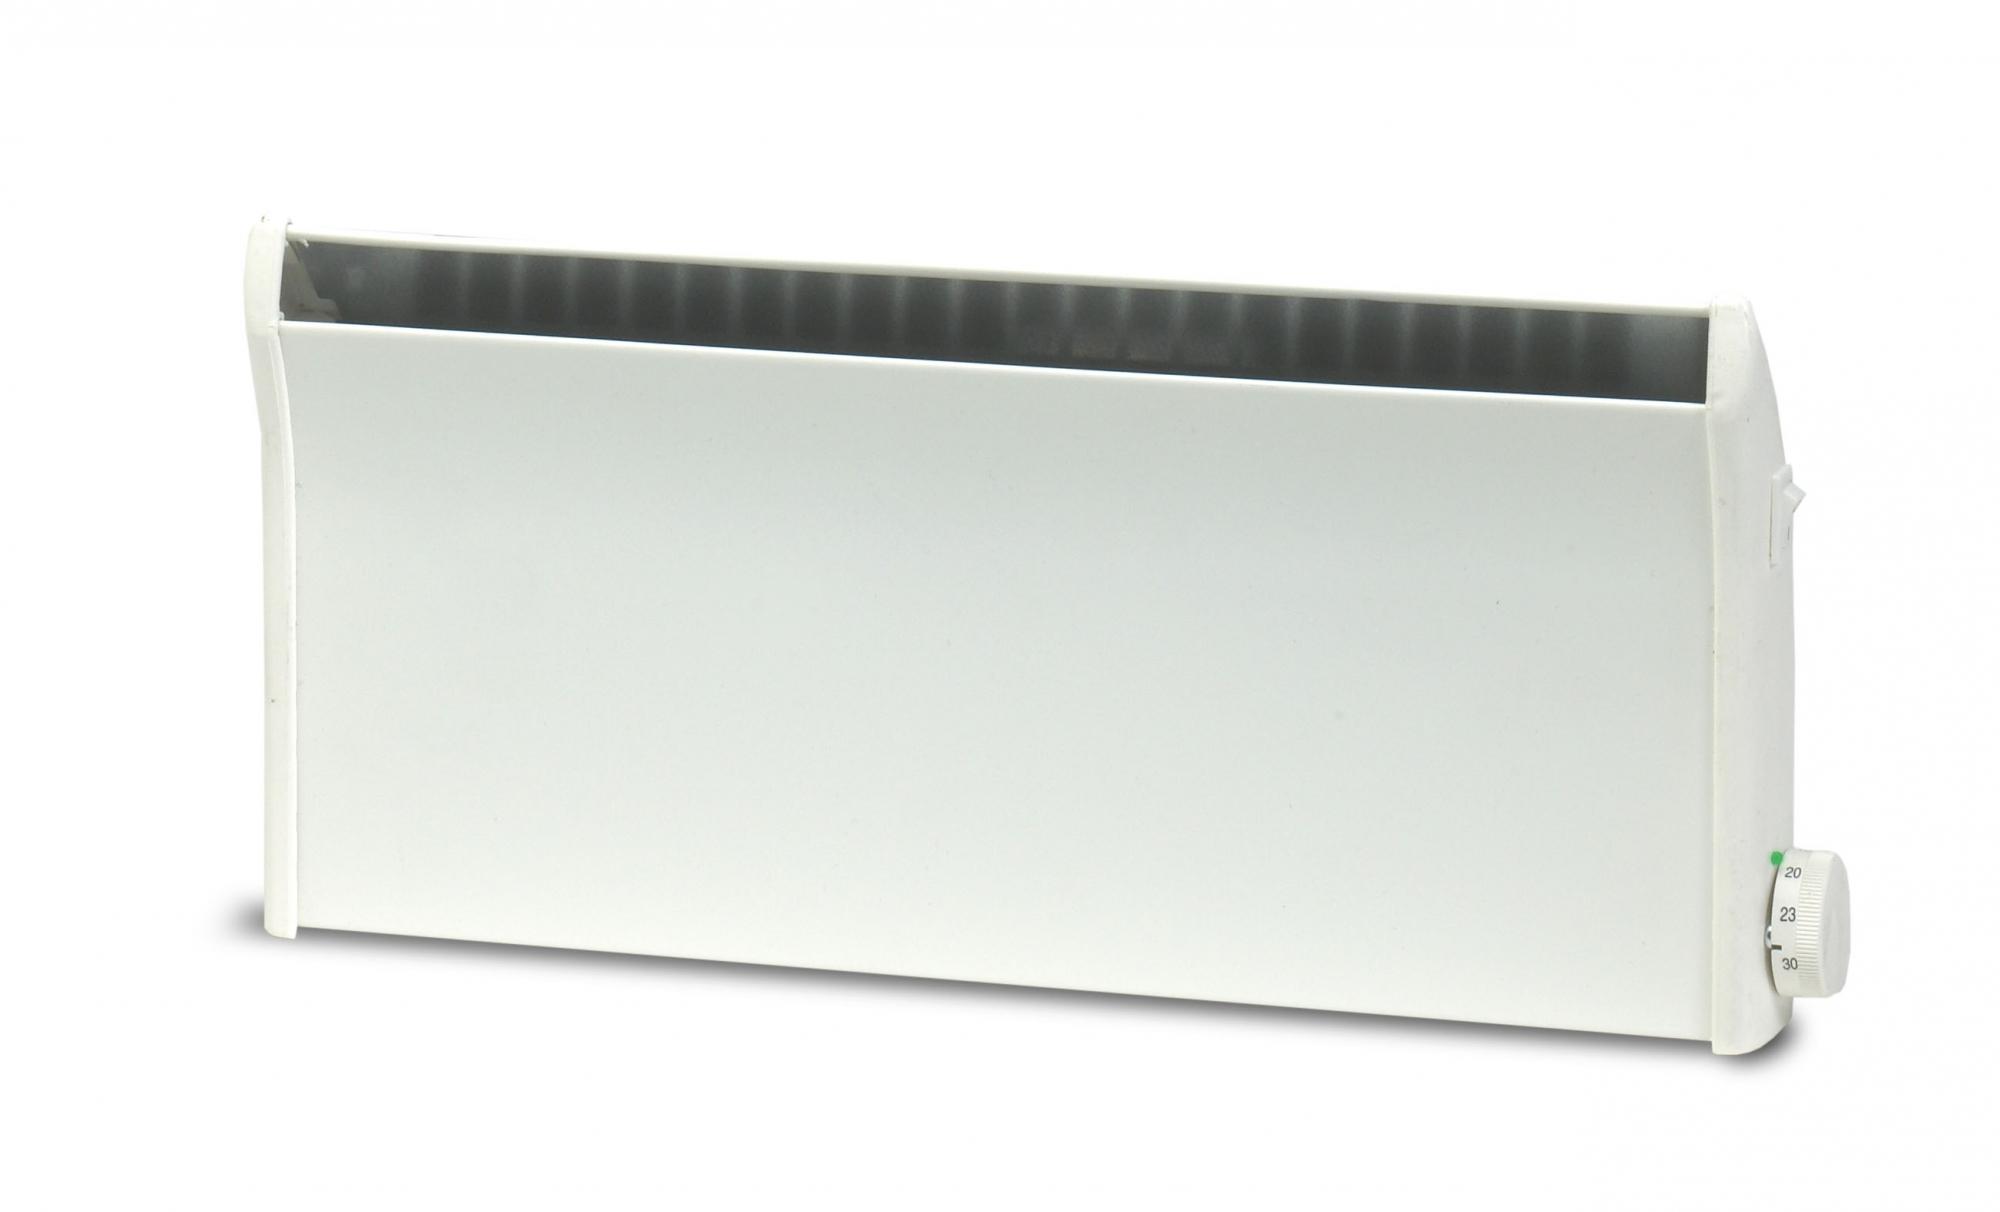 Adax panelovn termostat bruksanvisning